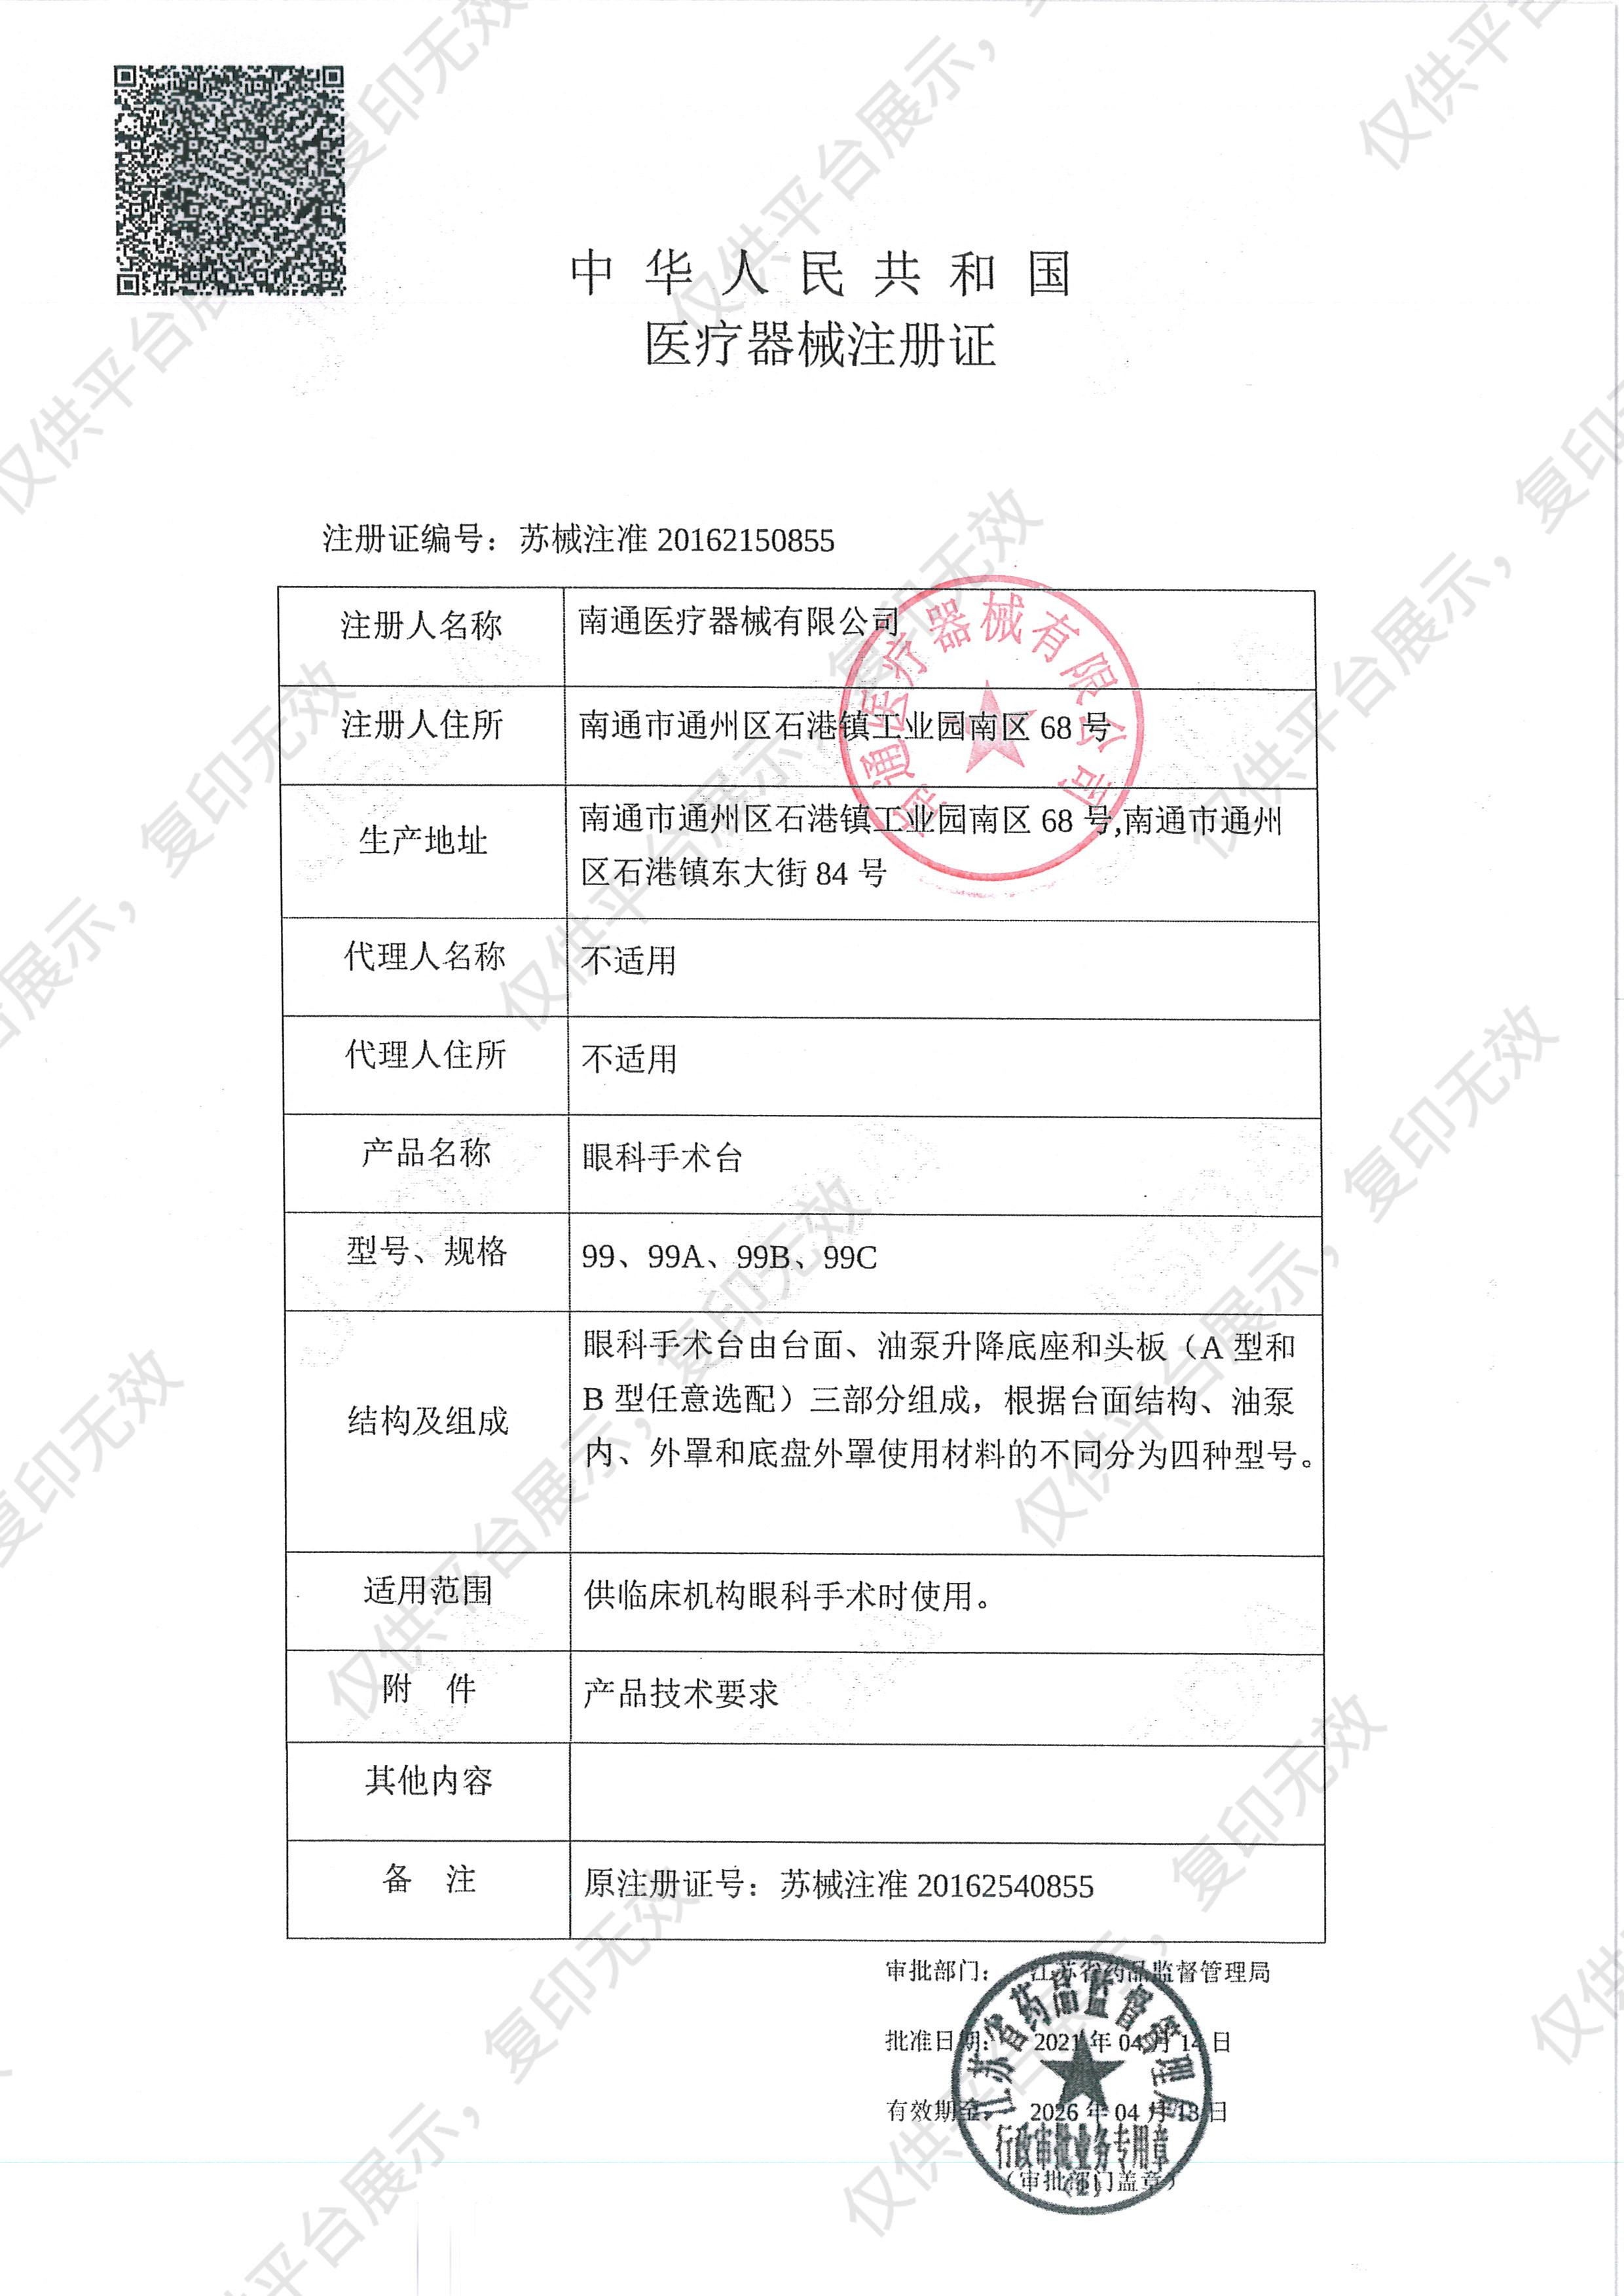 江海 眼科手术台 99型注册证